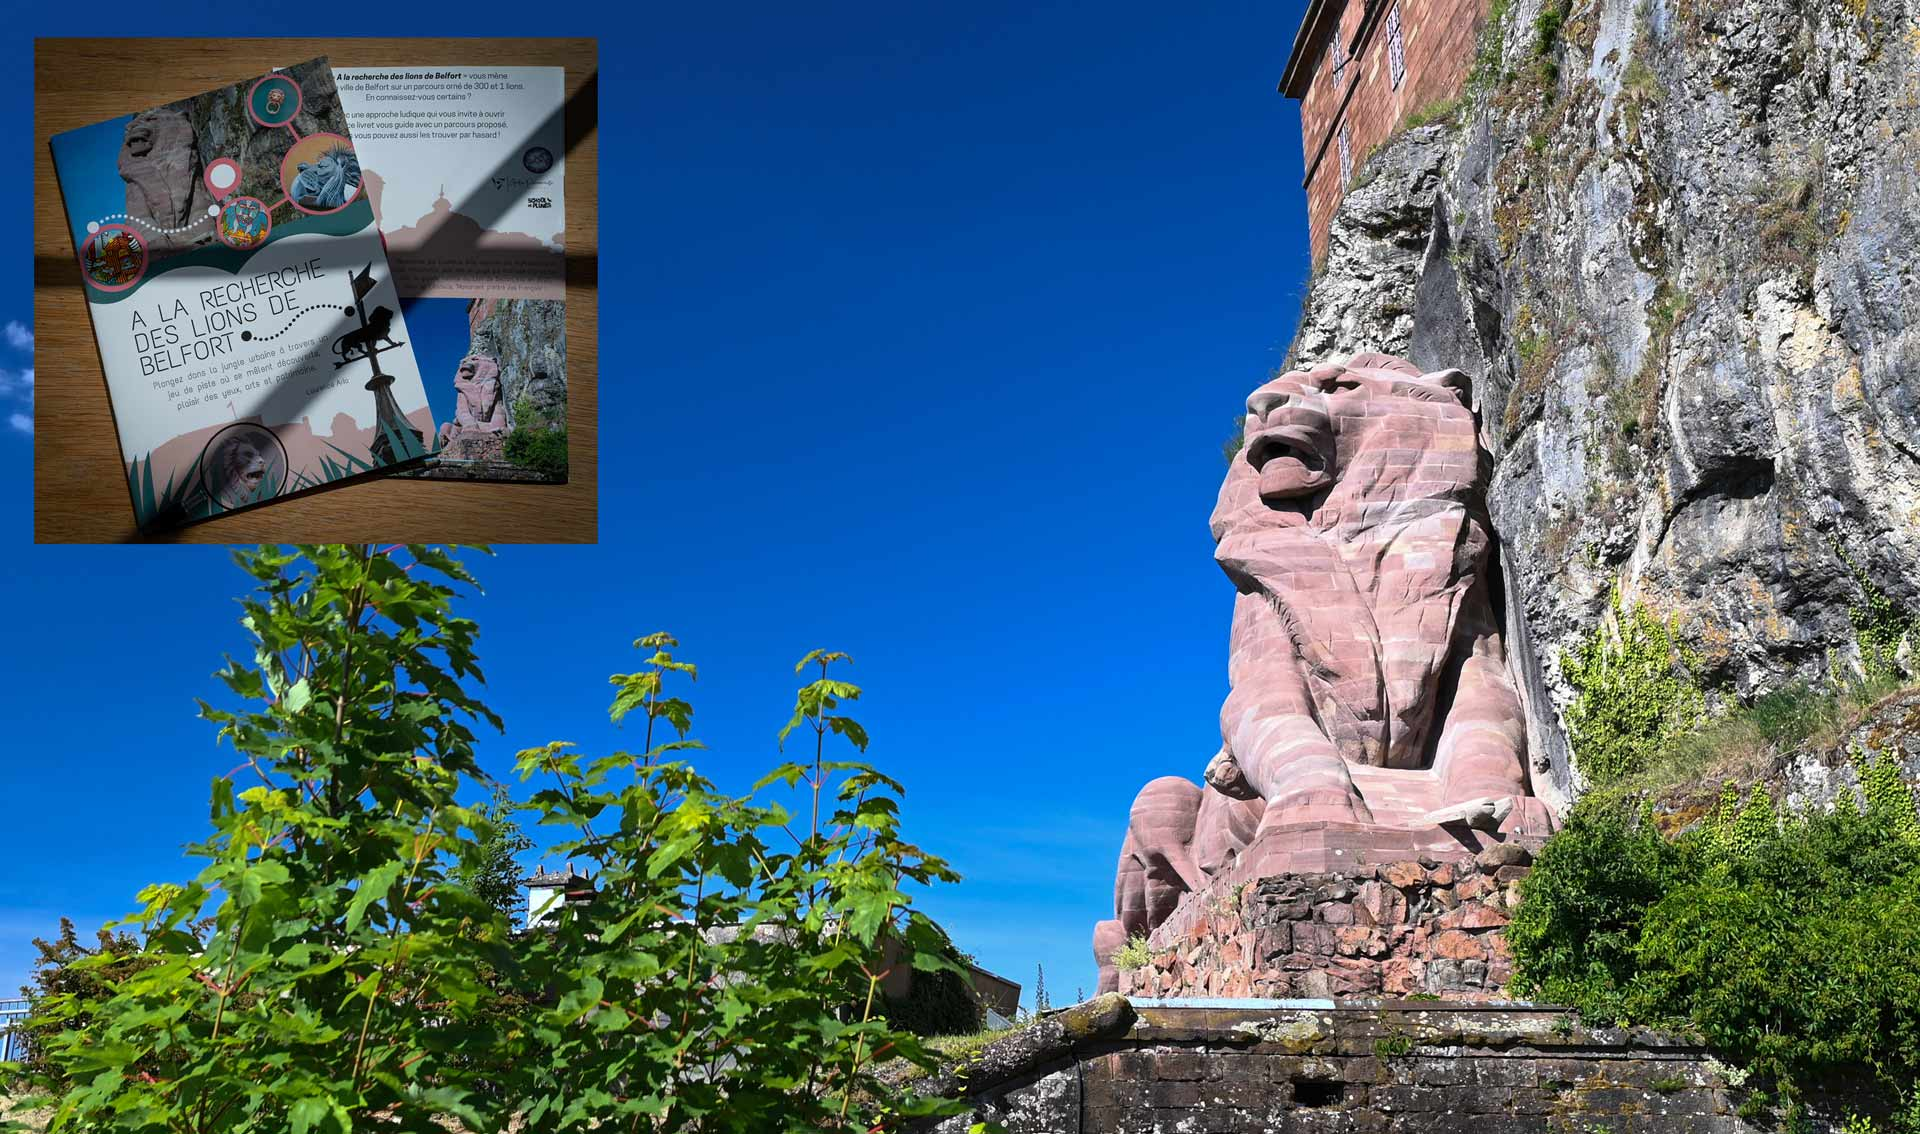 Répertoire de 80 photographies de lions repérés sur les bâtiments de Belfort